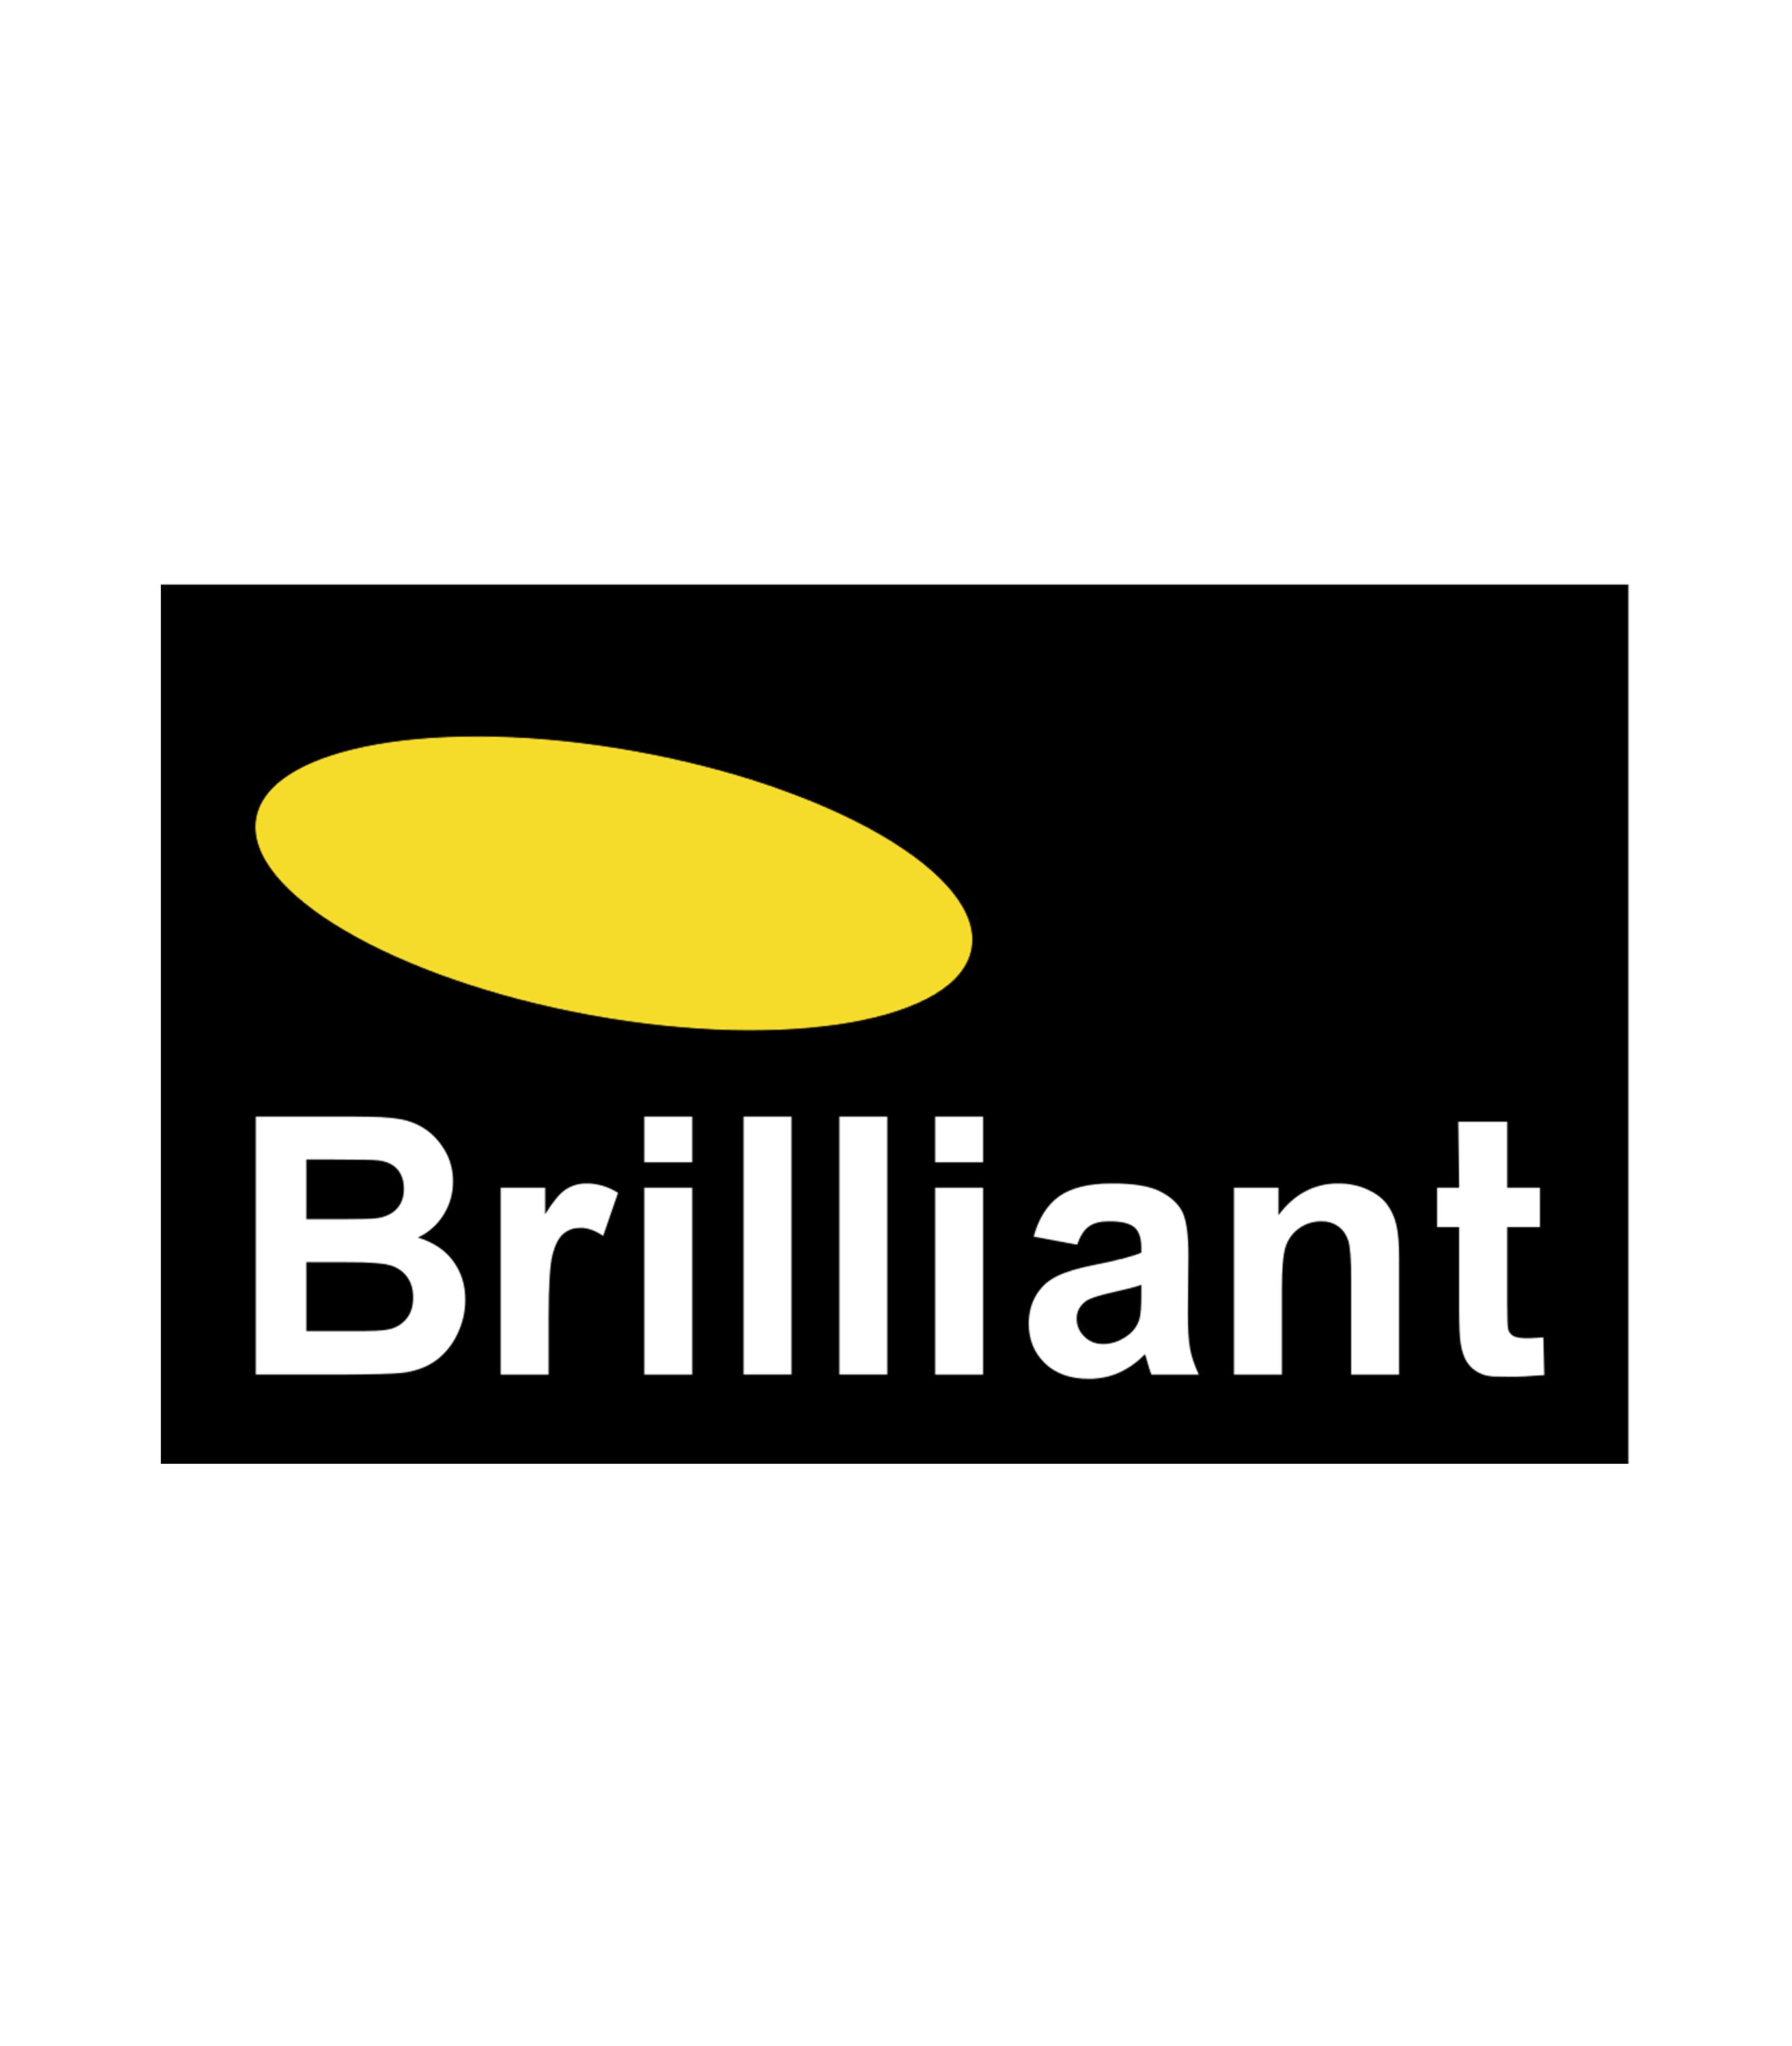 Brilliant verlichting logo